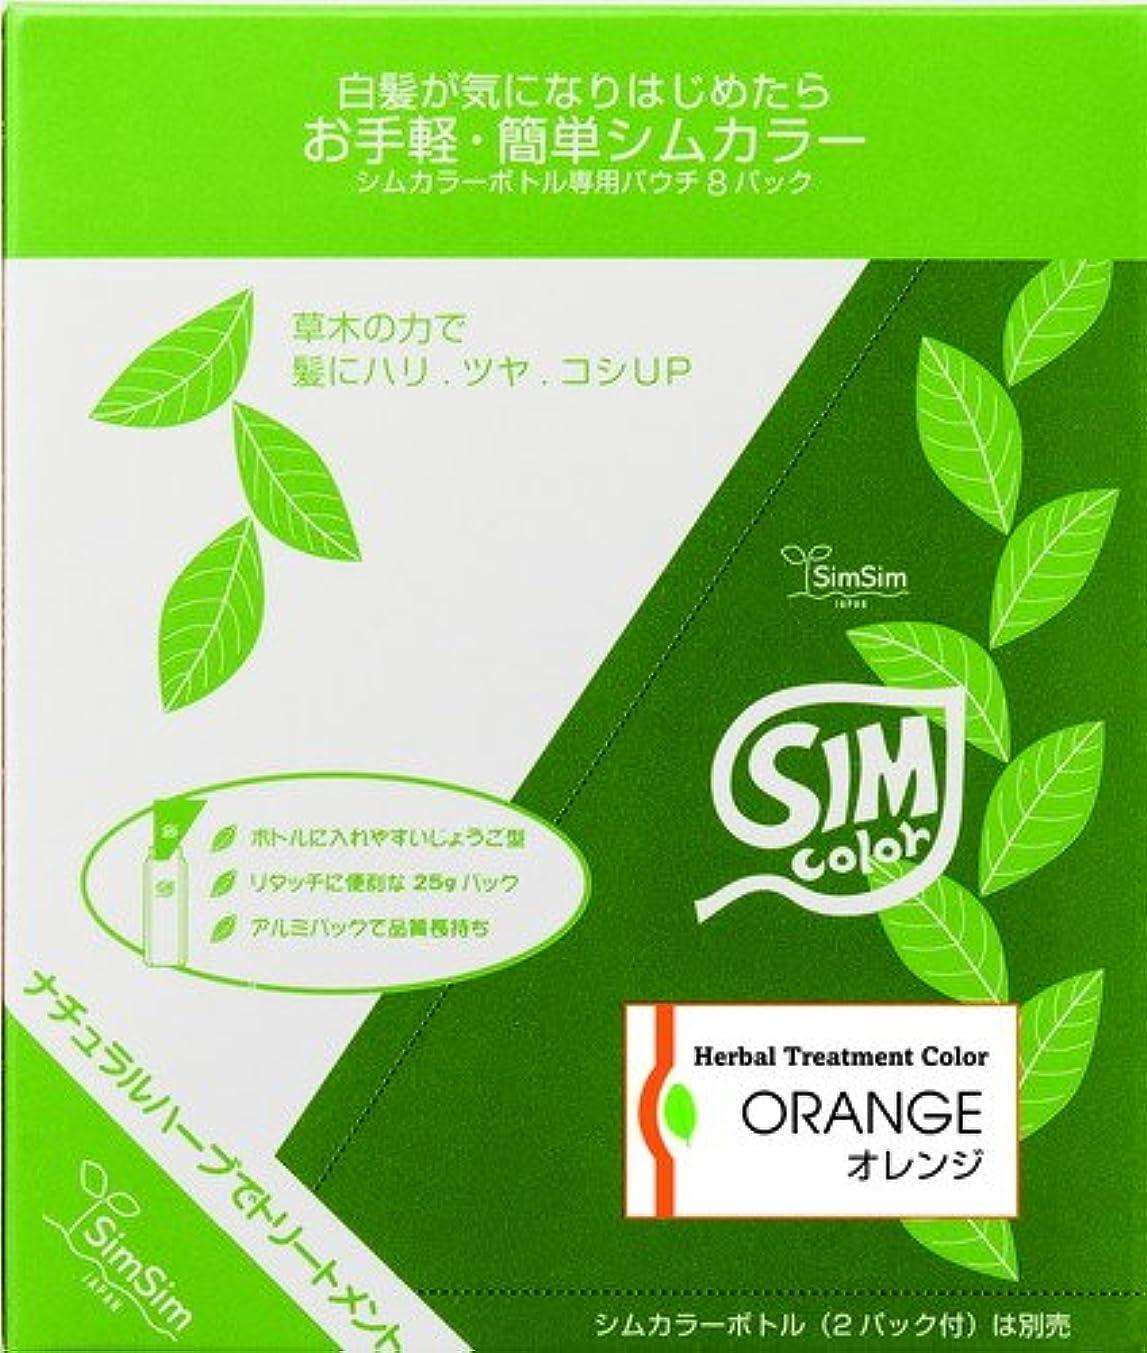 強化する名前で黄ばむSimSim(シムシム)お手軽簡単シムカラーエクストラ(EX)25g 8袋 オレンジ